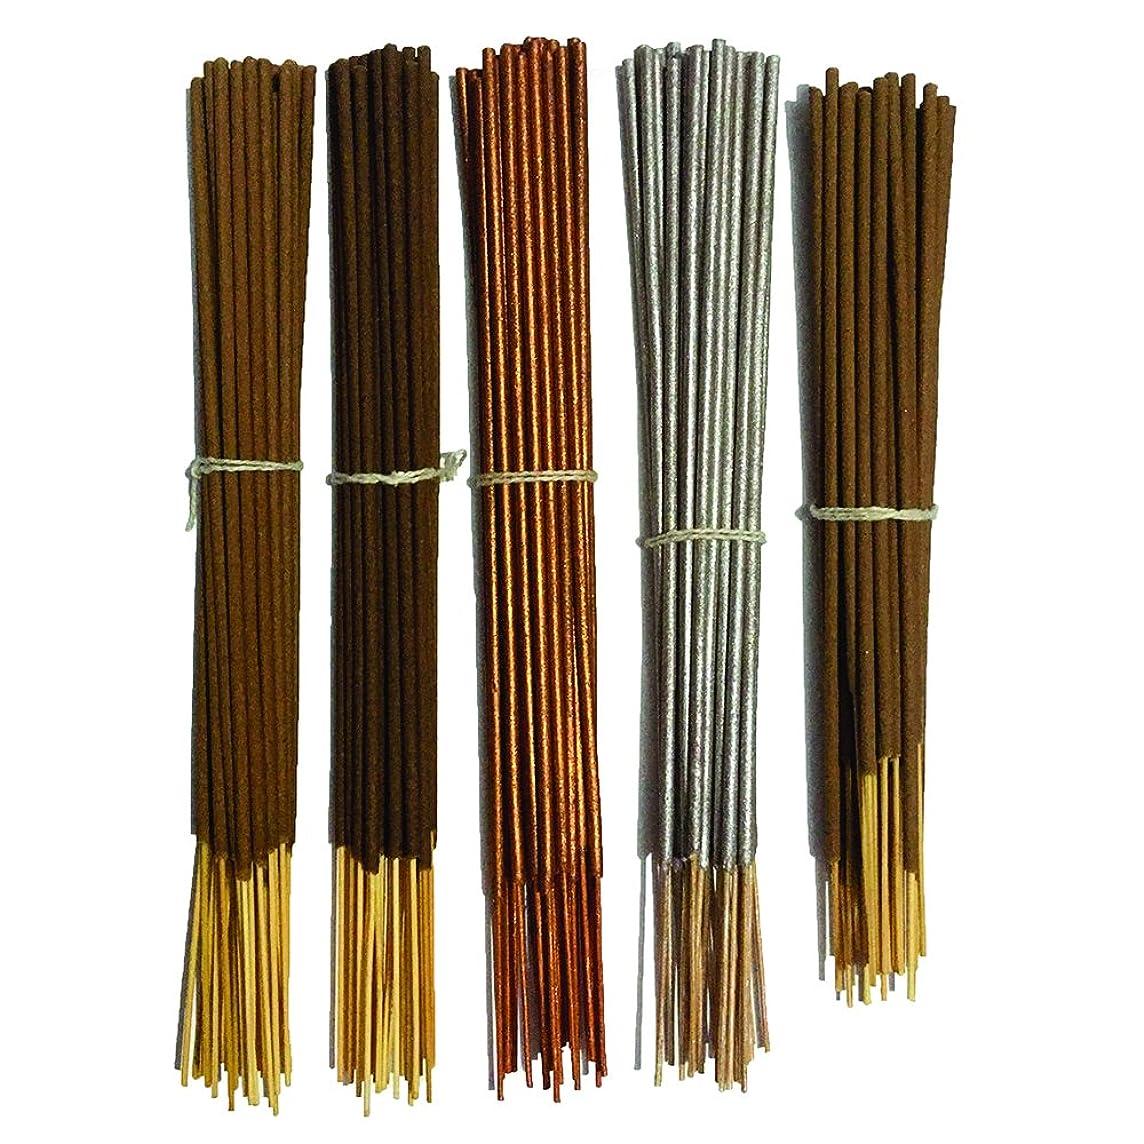 おいしい破裂ストリームInaki Incense Sticksプレミアム5?Fragrance Infused with Essential Oilsパック40?gm各?–?Natural長持ちホーム&インドアFragrance (200グラムパック)